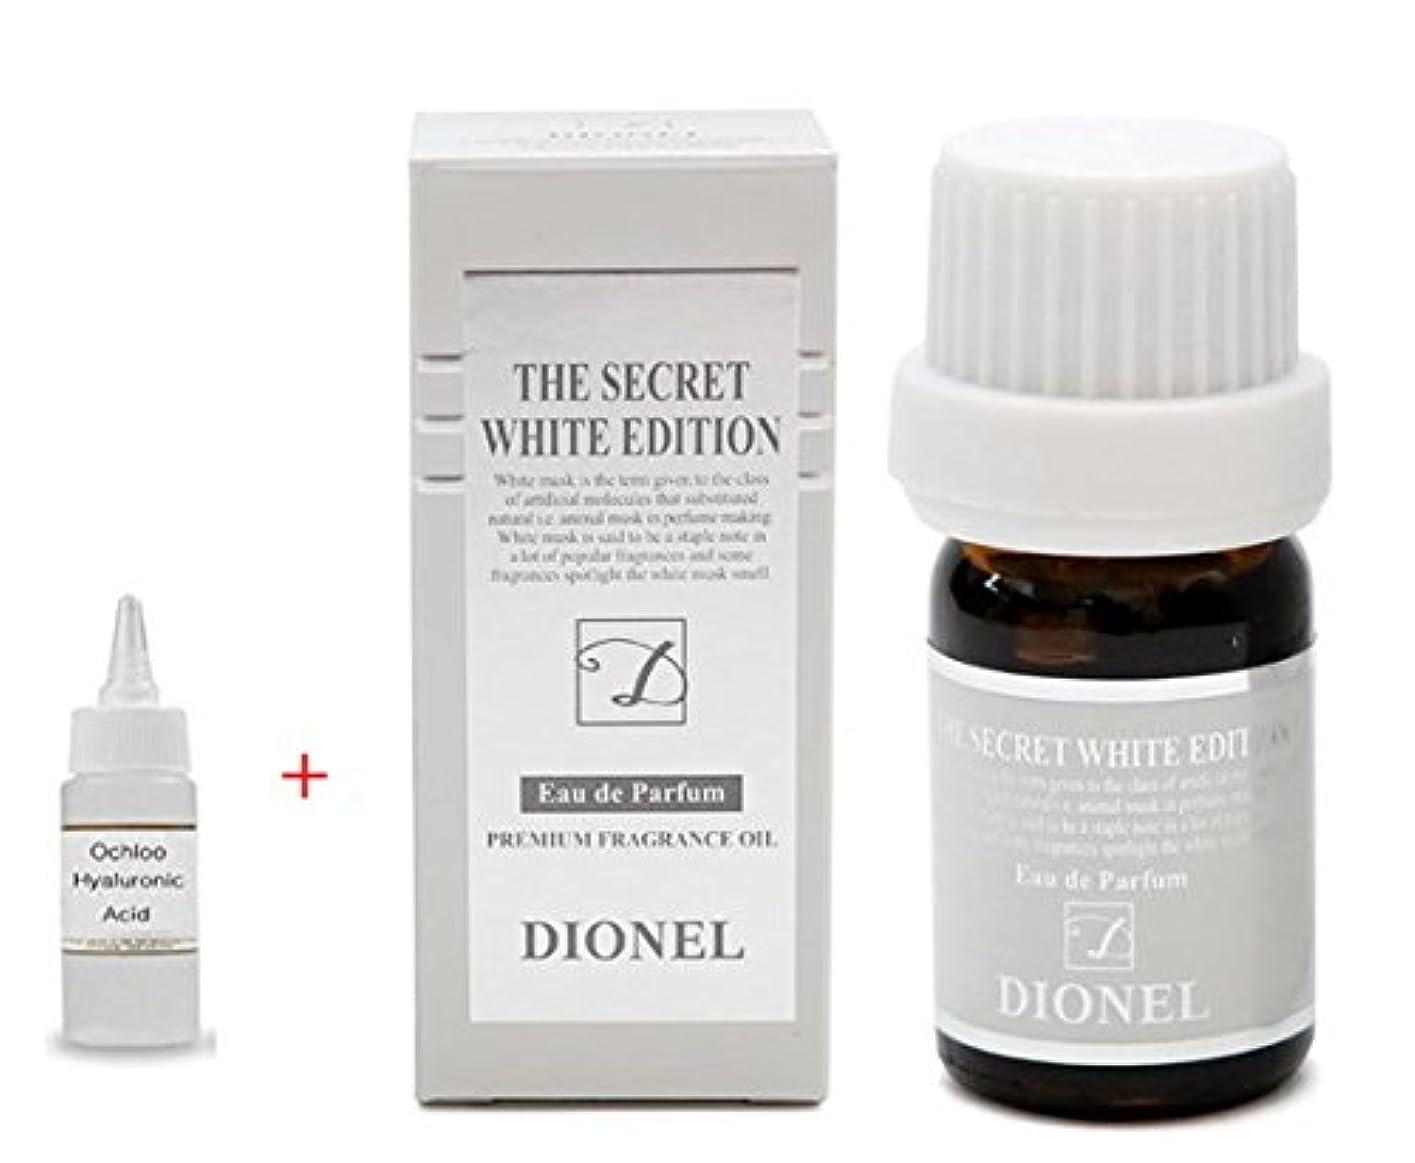 汚れる知り合いフェリー[Dionel] 香水のような女性清潔剤、プレミアムアロマエッセンス Love Secret White Edition Dionel 5ml. ラブブラックエディション、一滴の奇跡. Made in Korea + + Ochloo hyaluronic acid 10ml